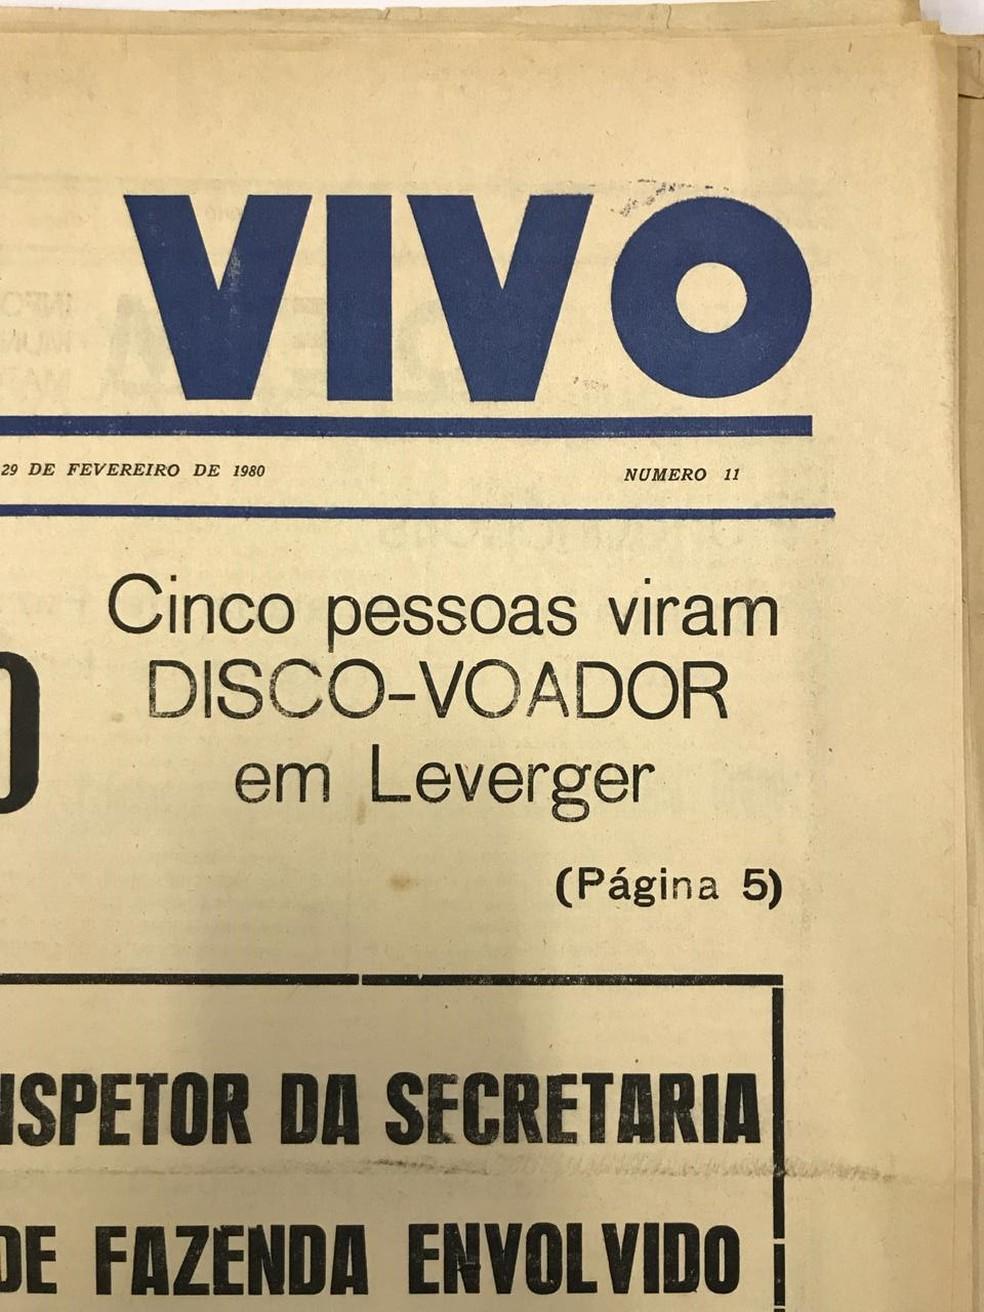 Grupo que avistou disco voador também foi notícia — Foto: Arquivo Público/Reprodução